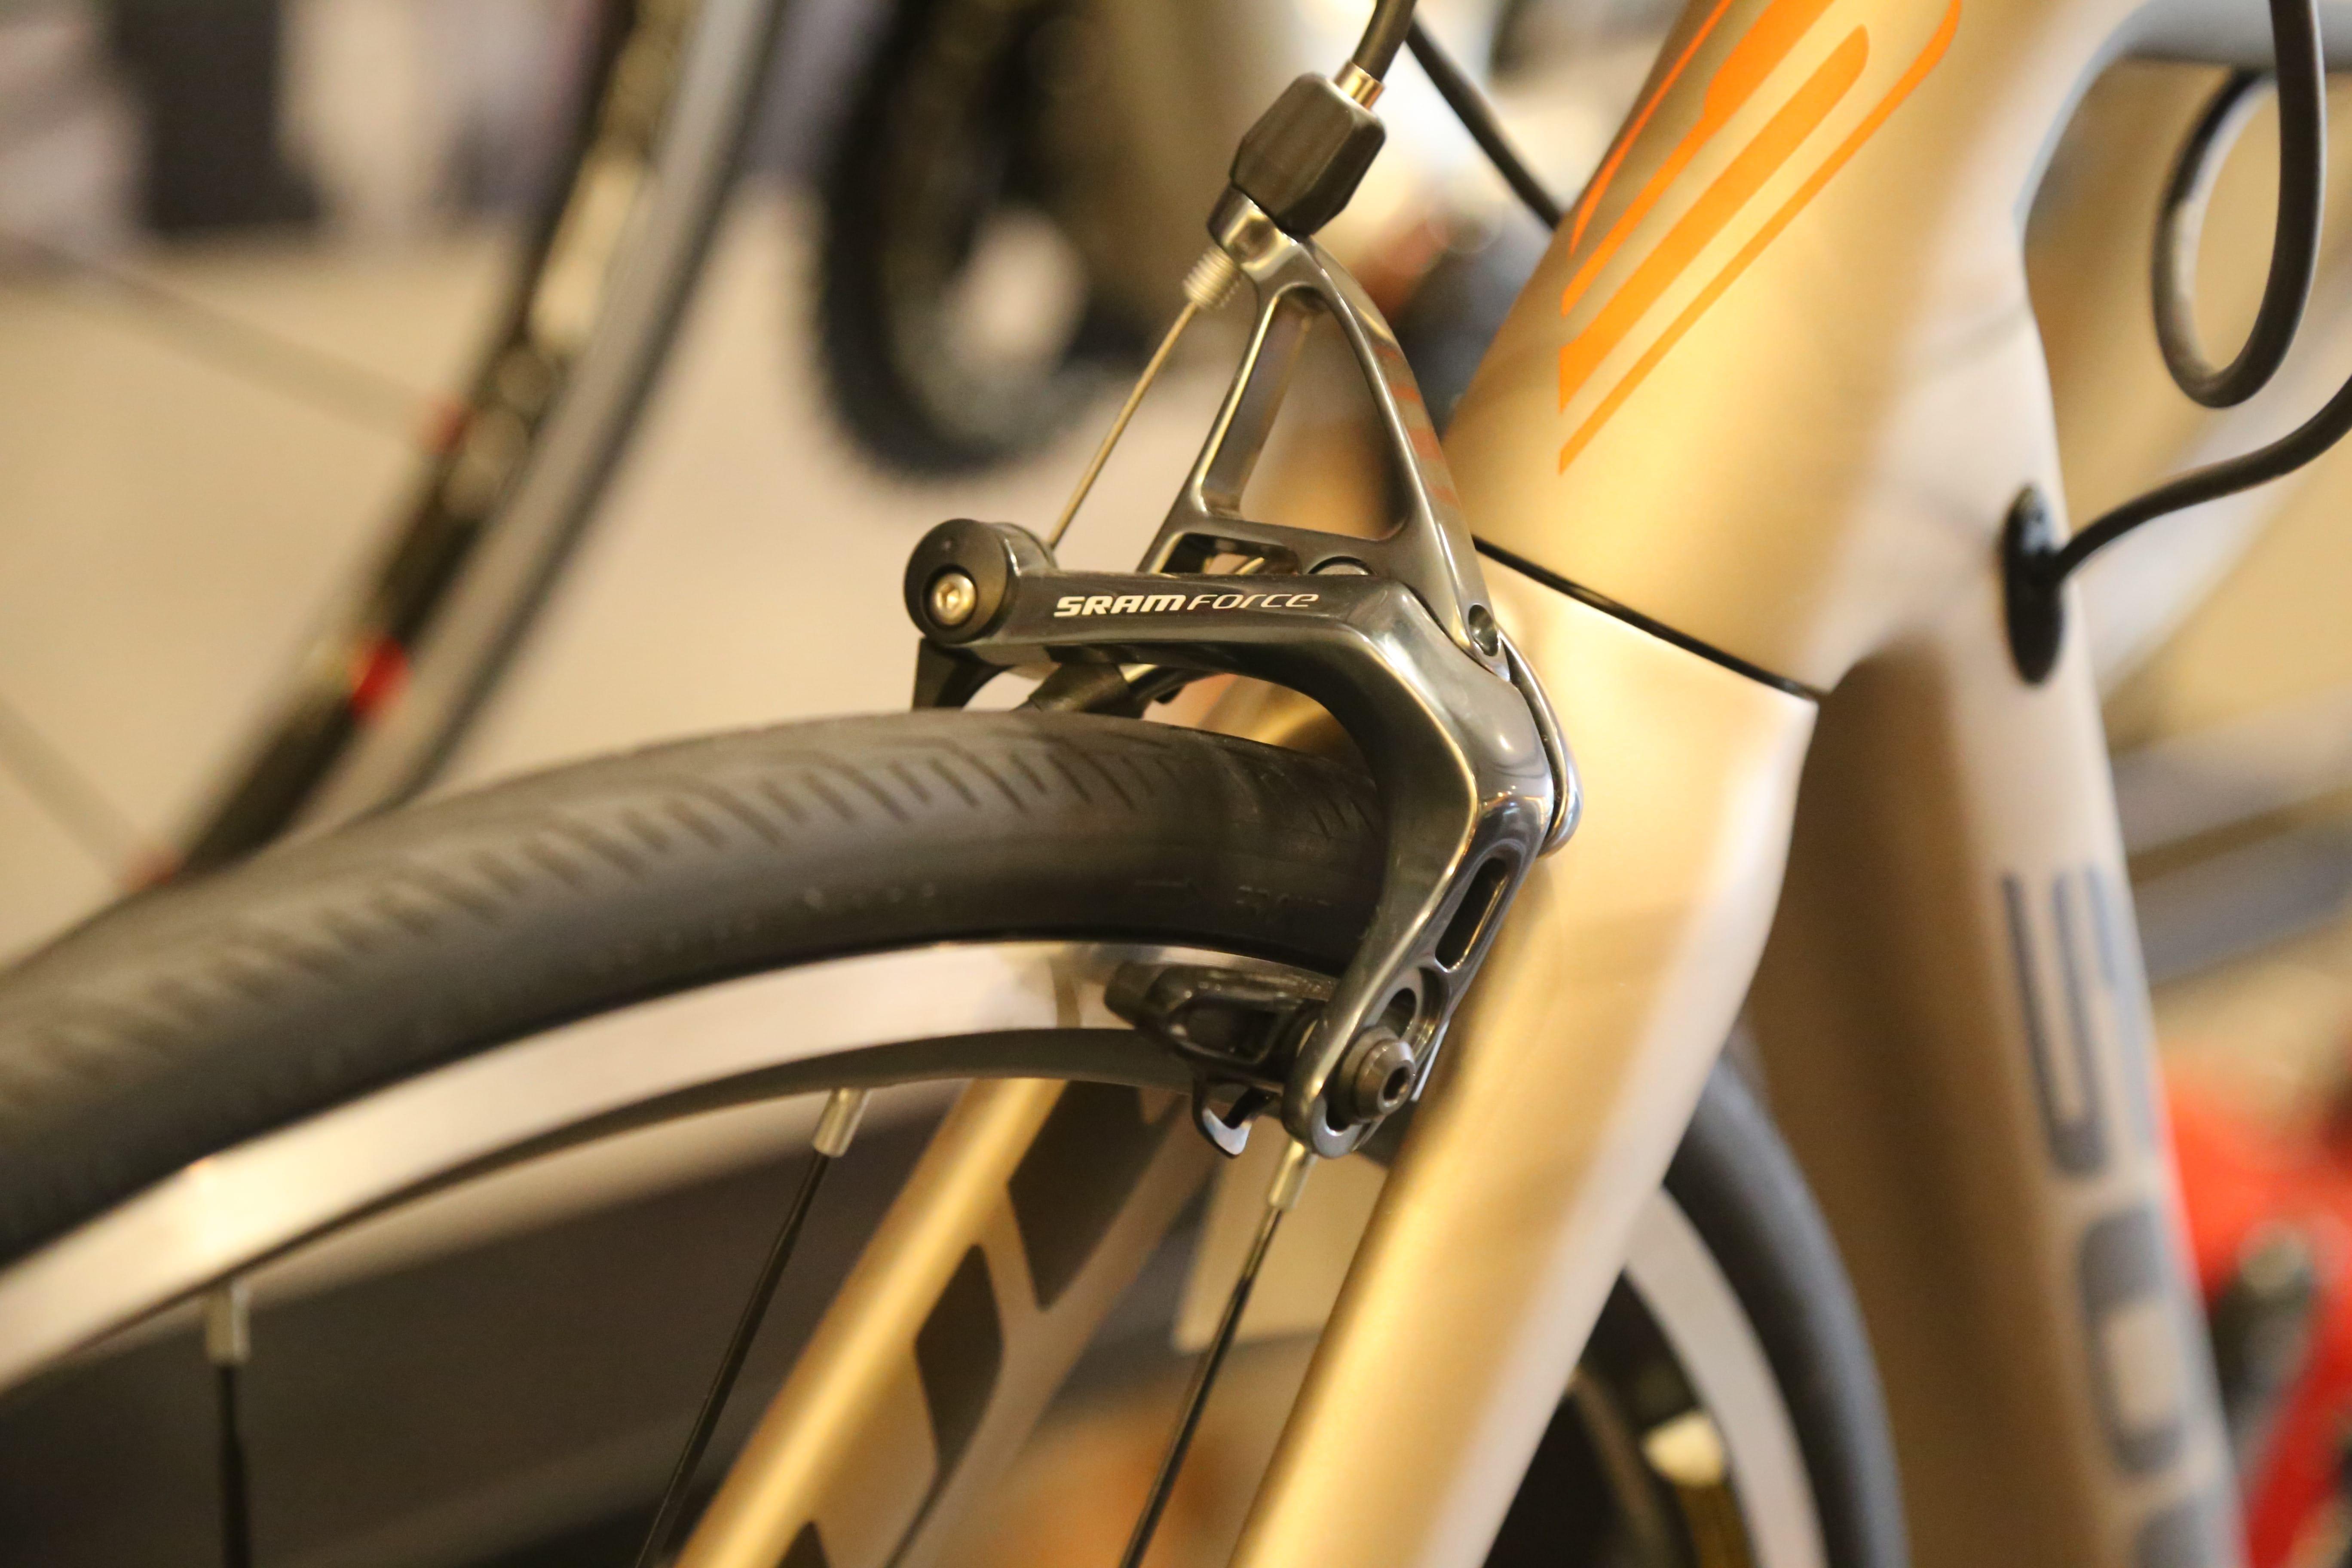 Freio tradicional da bicicleta 3R3 Force, da Soul